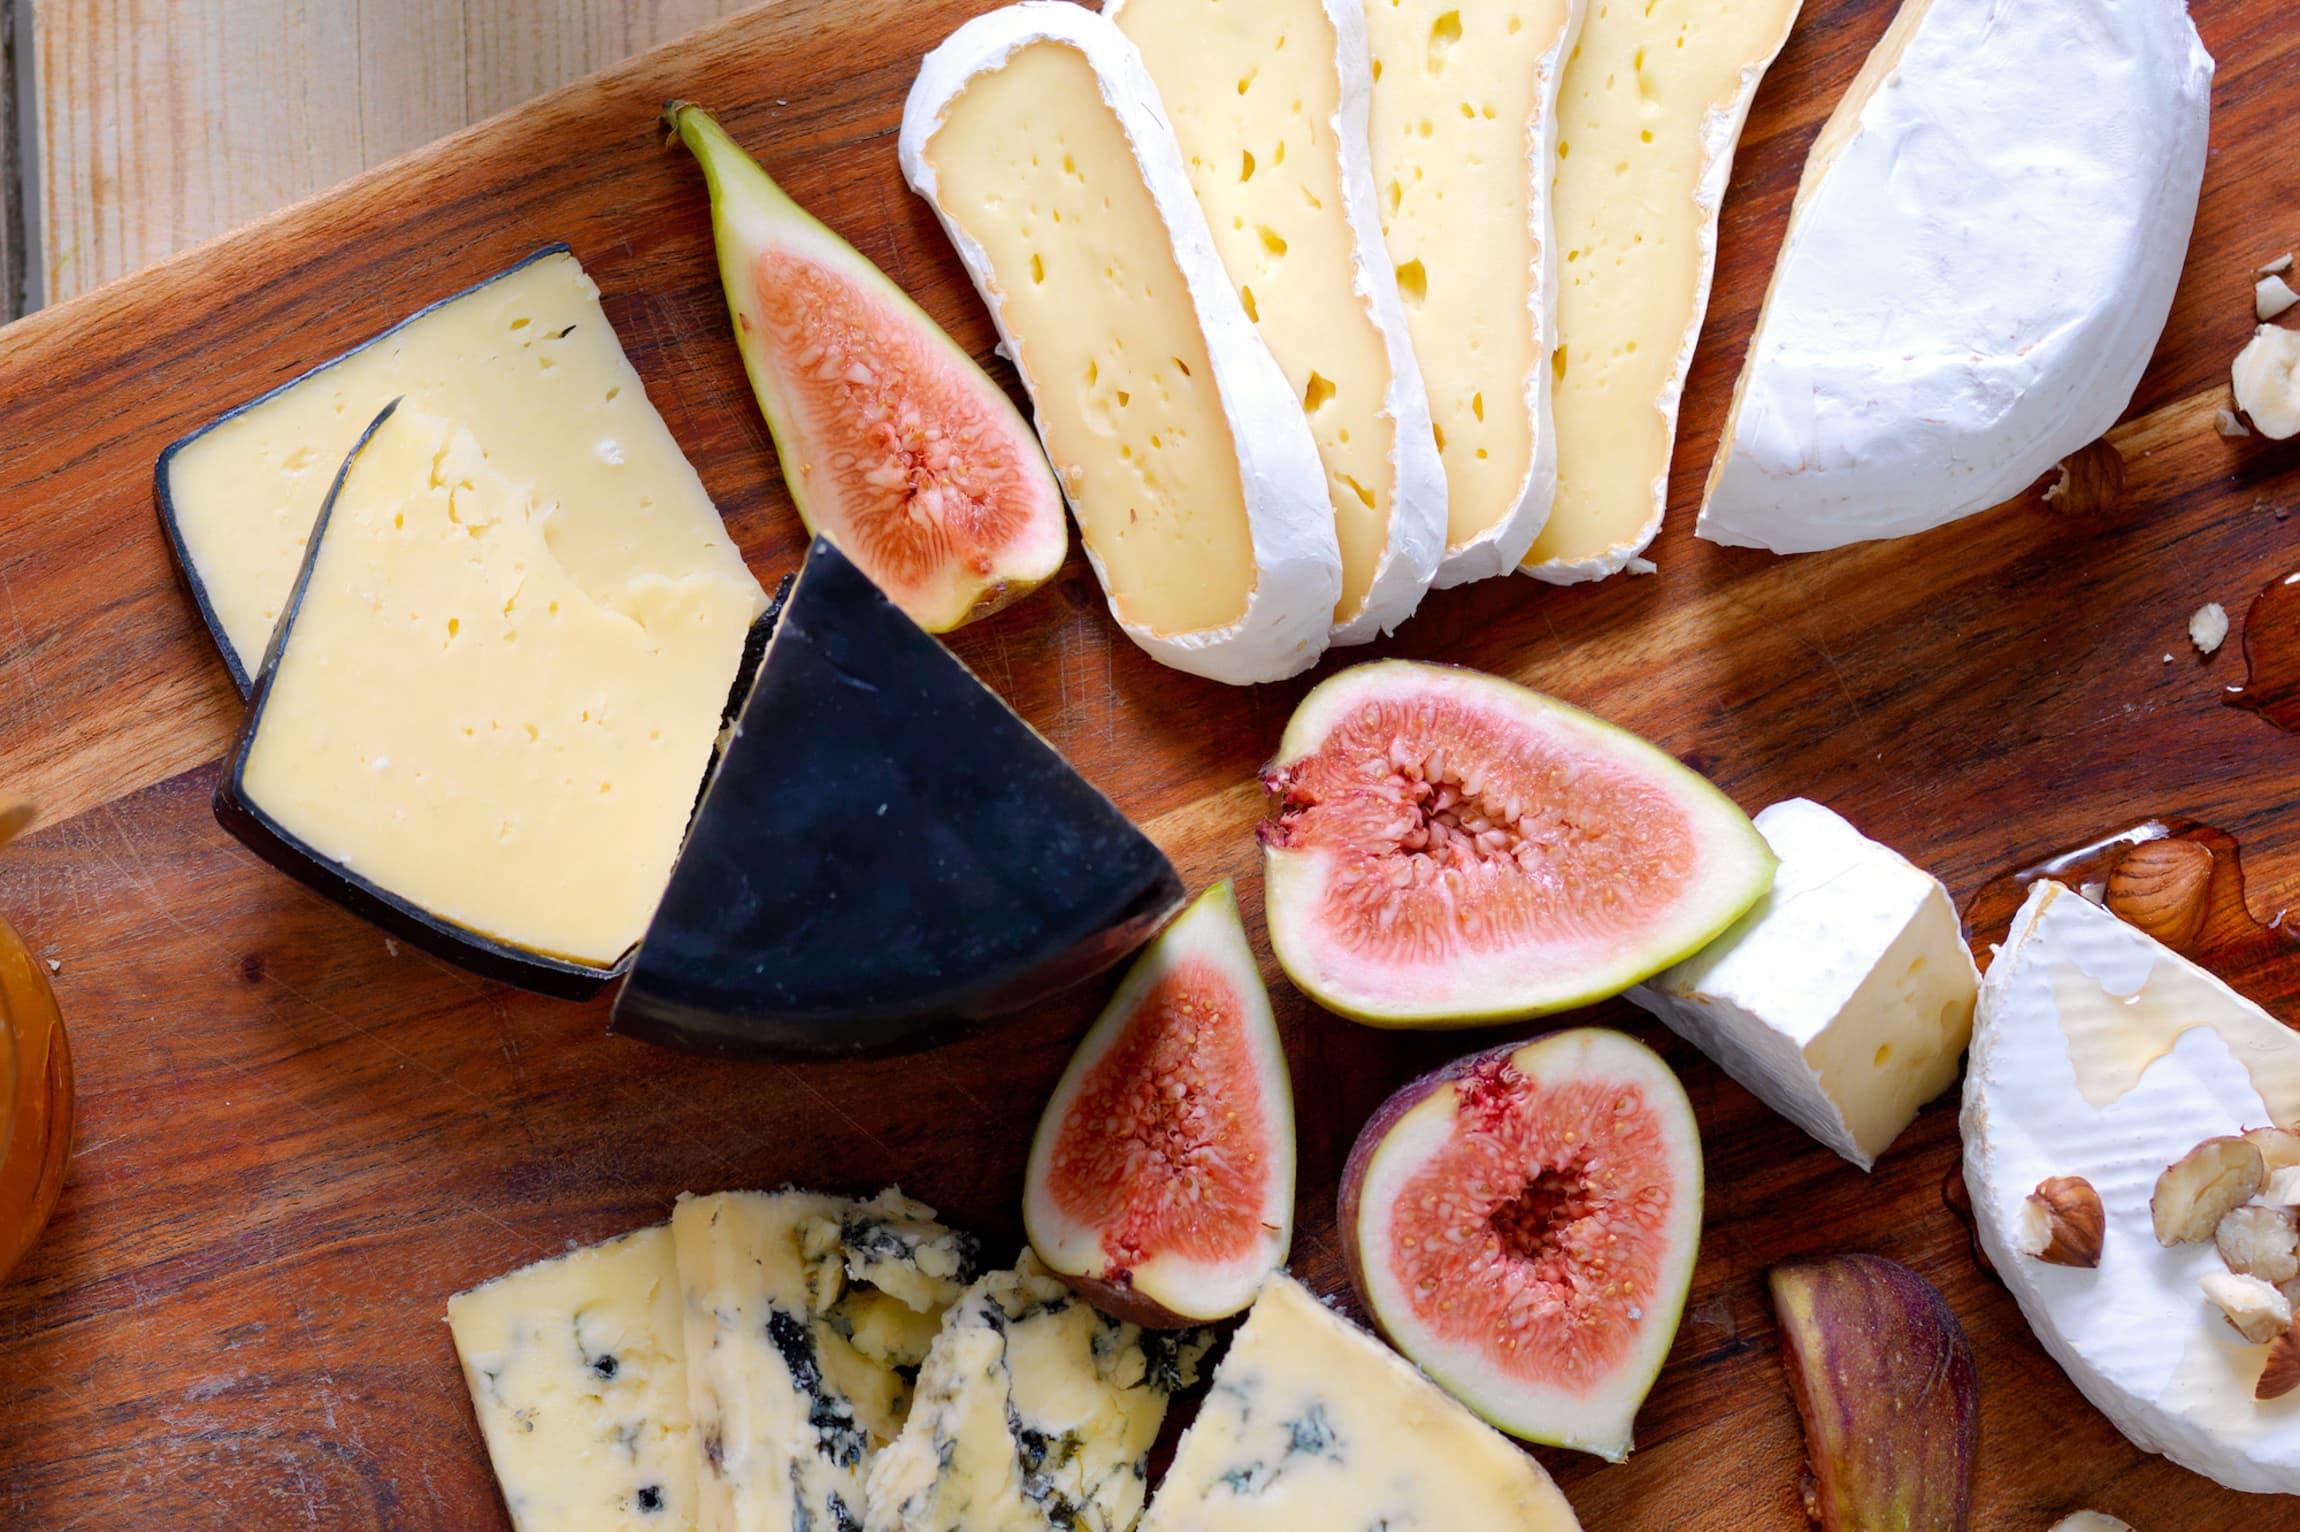 La ostene få spille hovedrollen og server tilbehør som komplimenterer smakene. Søtt tilbehør og nøytrale kjeks er alltid en sikker vinner.